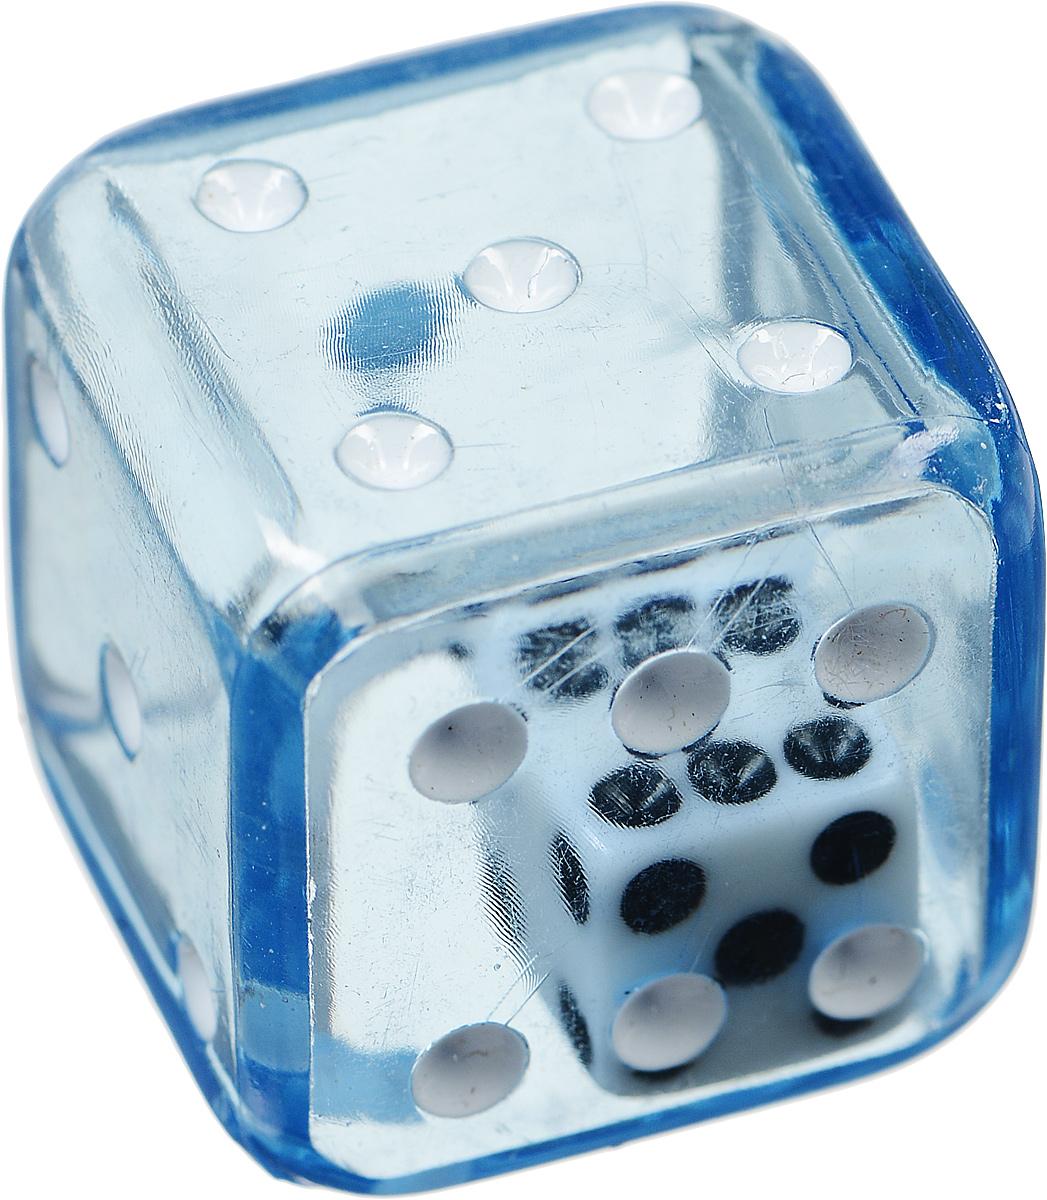 Koplow Games Кость игральная Кубик в кубике D6 цвет синий11687_синийИгральная кость Кубик в кубике состоит из прозрачного кубика D6 с маленьким белым кубиком внутри. На каждую сторону кости нанесены числа от 1 до 6. Целью игральной кости является демонстрация случайно определенного числа, каждое из которых является равновозможным, благодаря правильной геометрической форме. При броске на двух кубиках D6 выбрасываются два значения. Игральная кость выполнены из прочного пластика.